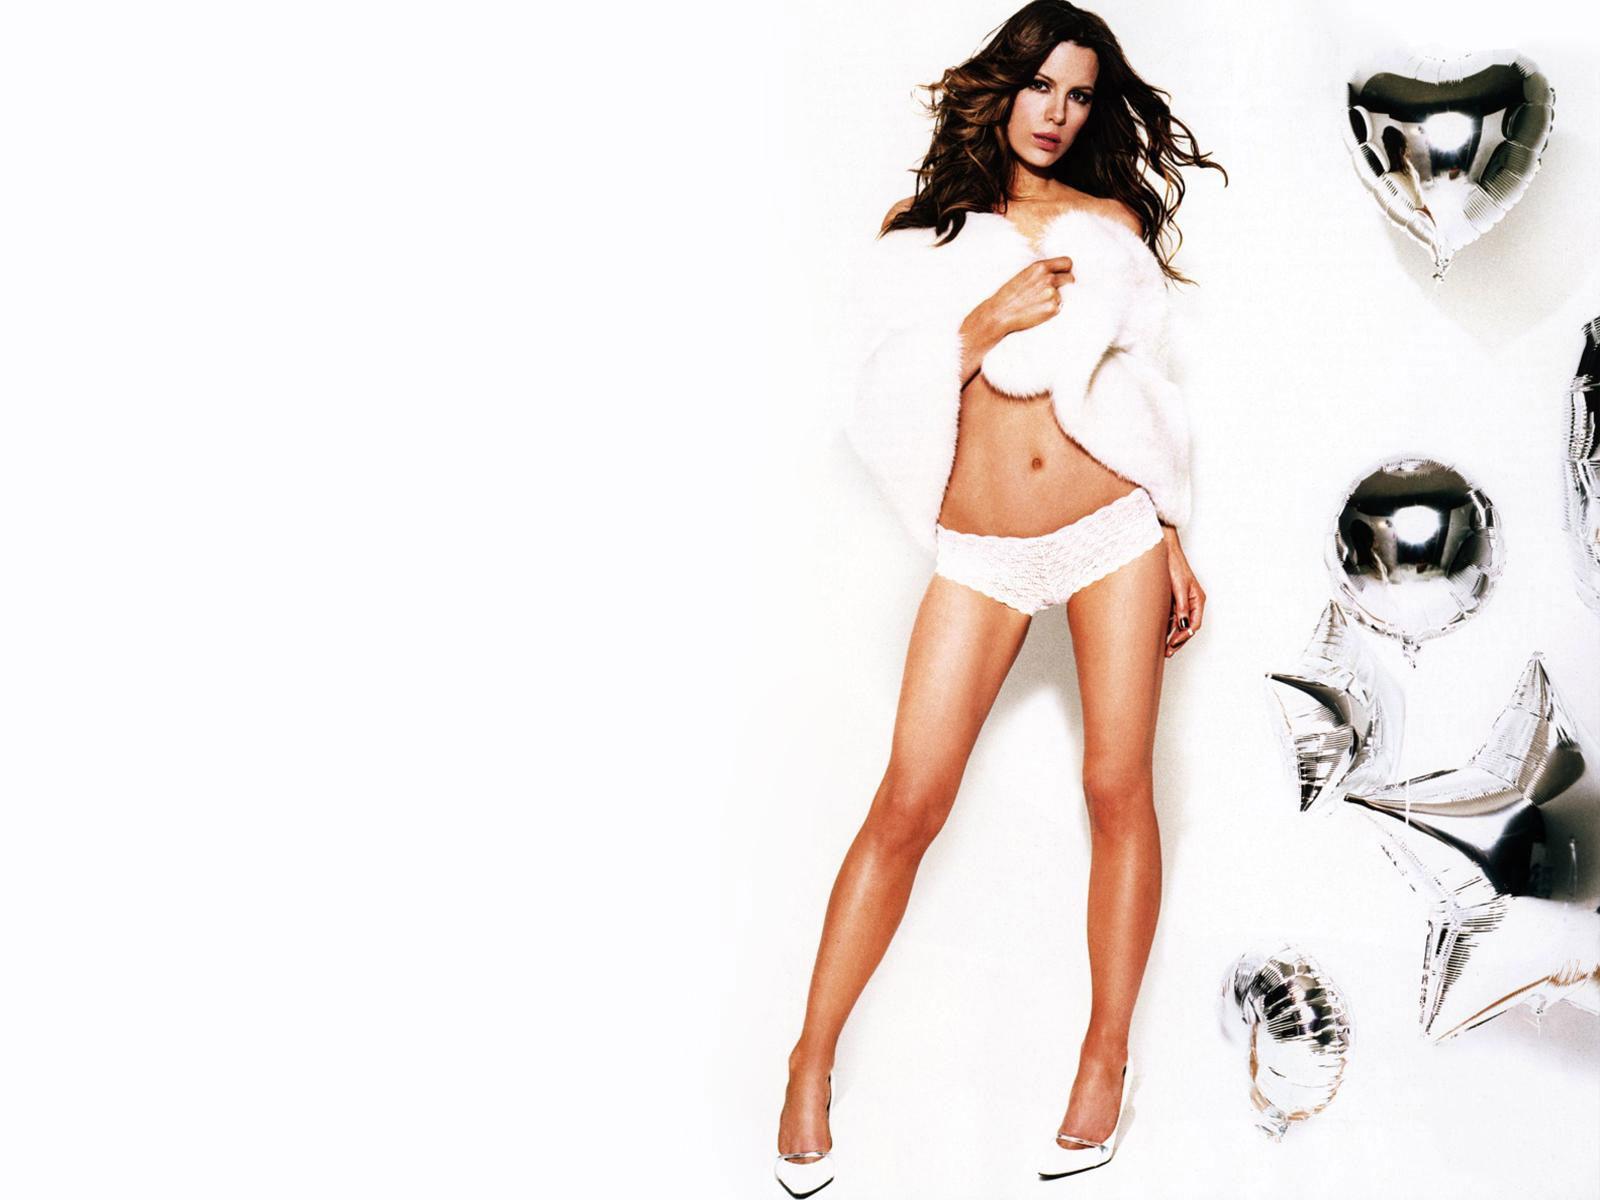 http://2.bp.blogspot.com/-L6XT5P1hcN4/ULB6hHNSrNI/AAAAAAAAAko/wT5sfxUOwBo/s1600/Kate+Beckinsale+(4).jpg